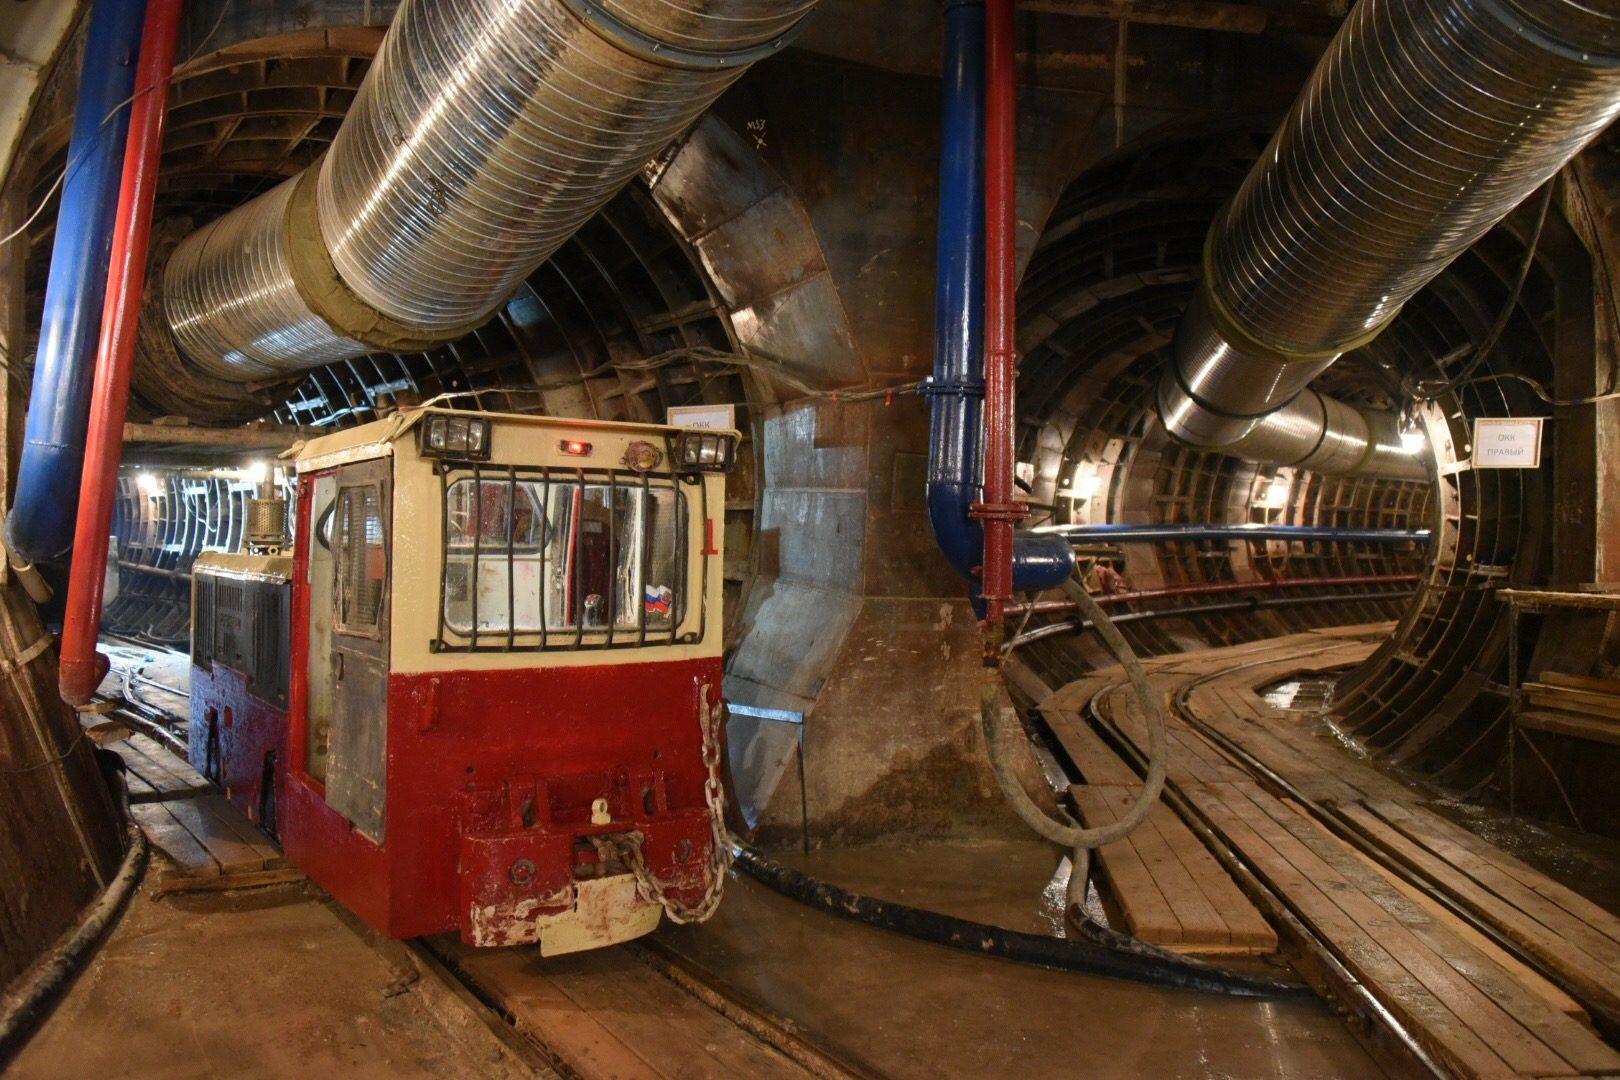 Участок Бирюлевской линии могут продлить до центра Москвы.Фото: архив, «Вечерняя Москва»